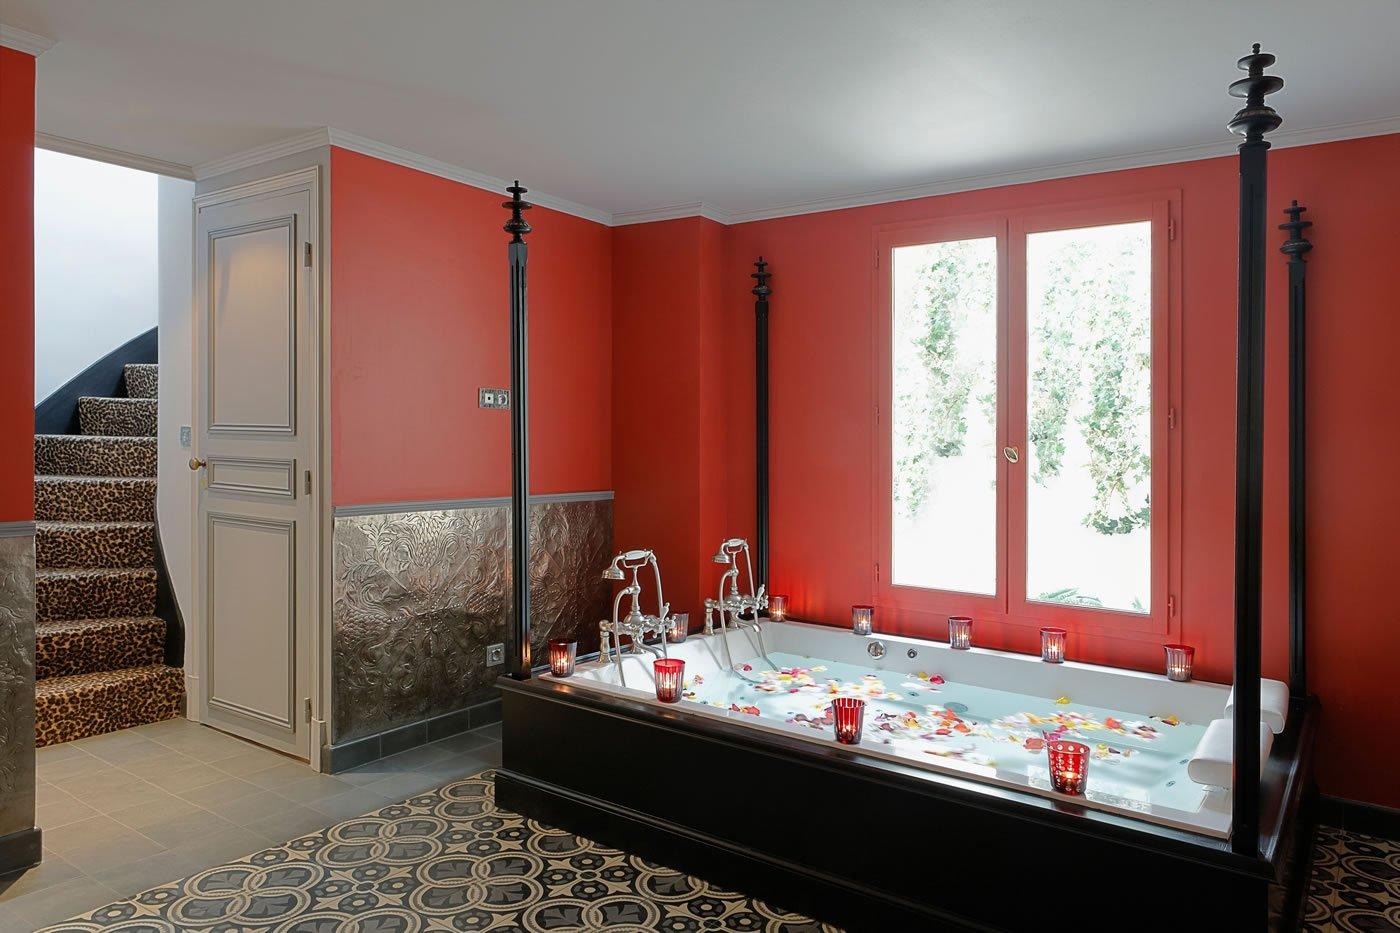 St james paris review for Hotel paris jacuzzi